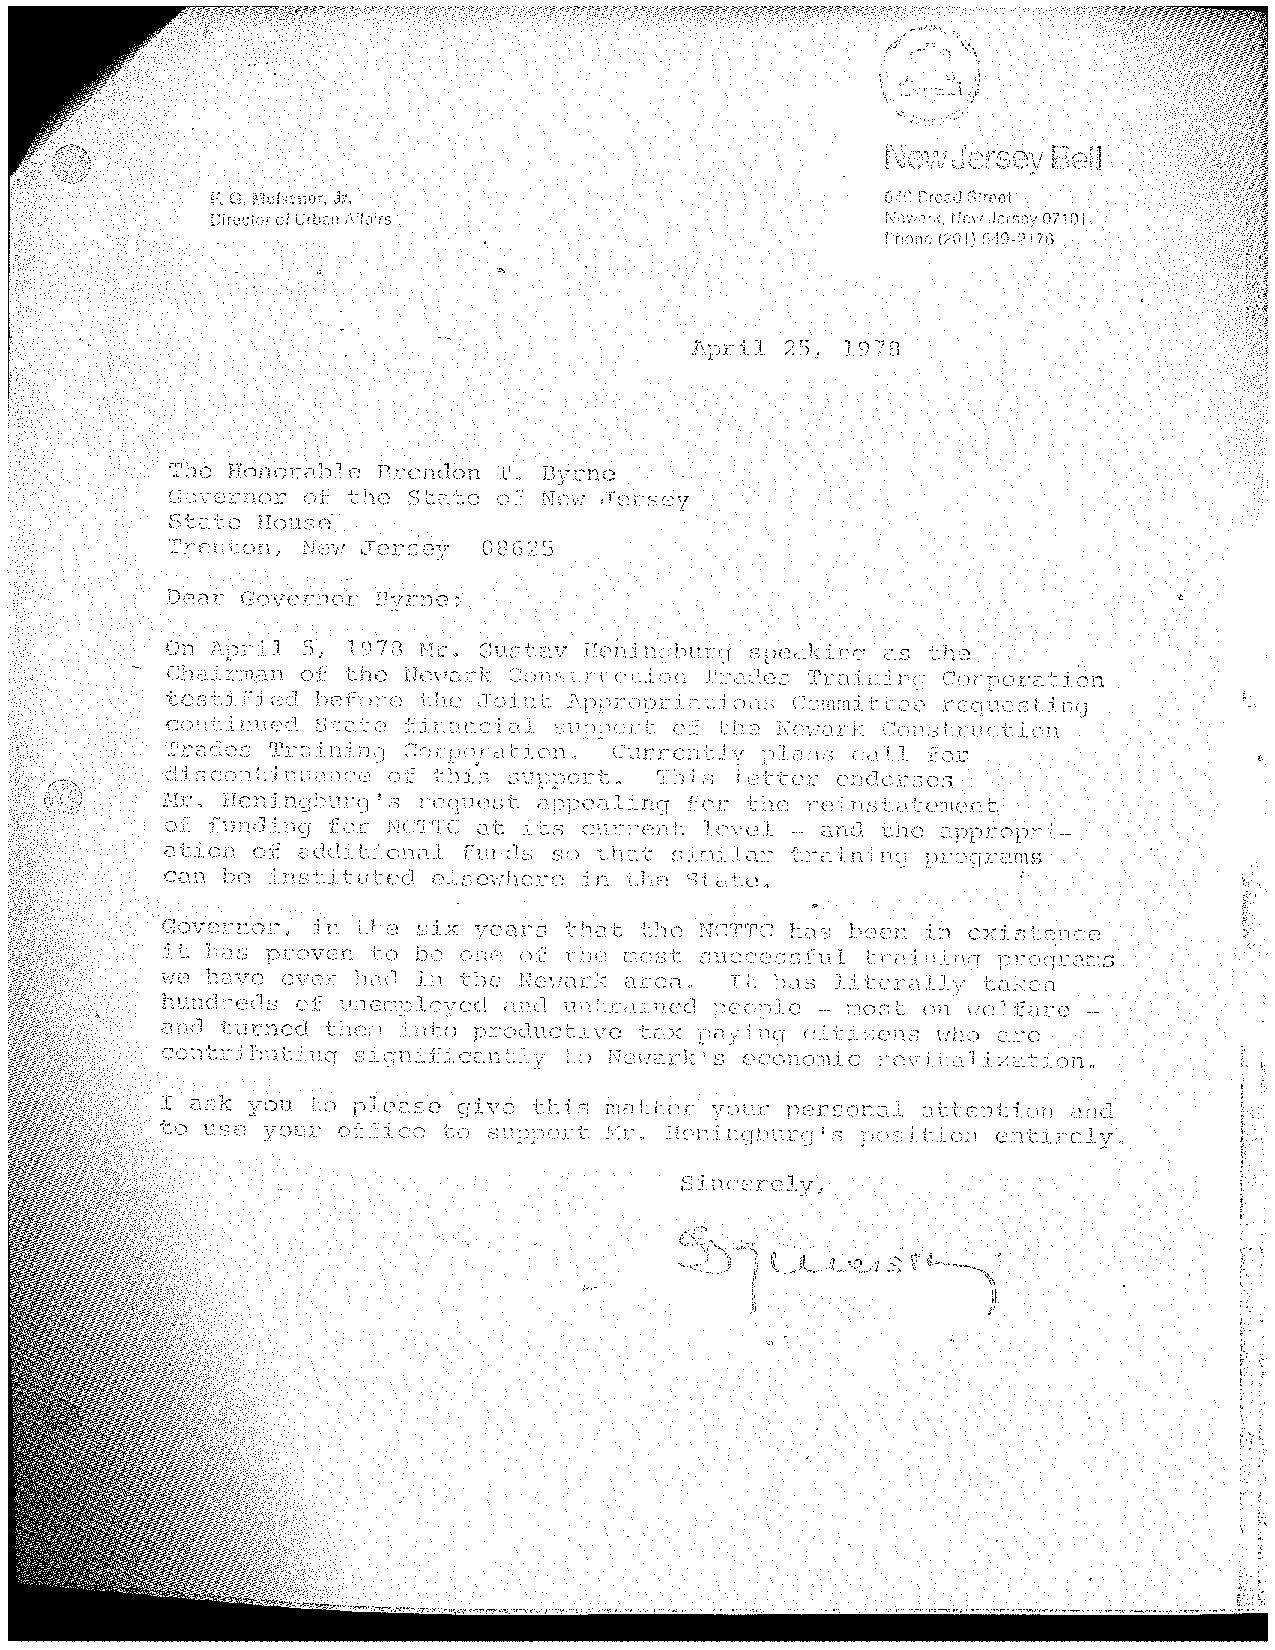 NJ Bell Letter to Gov. Byrne (1978)